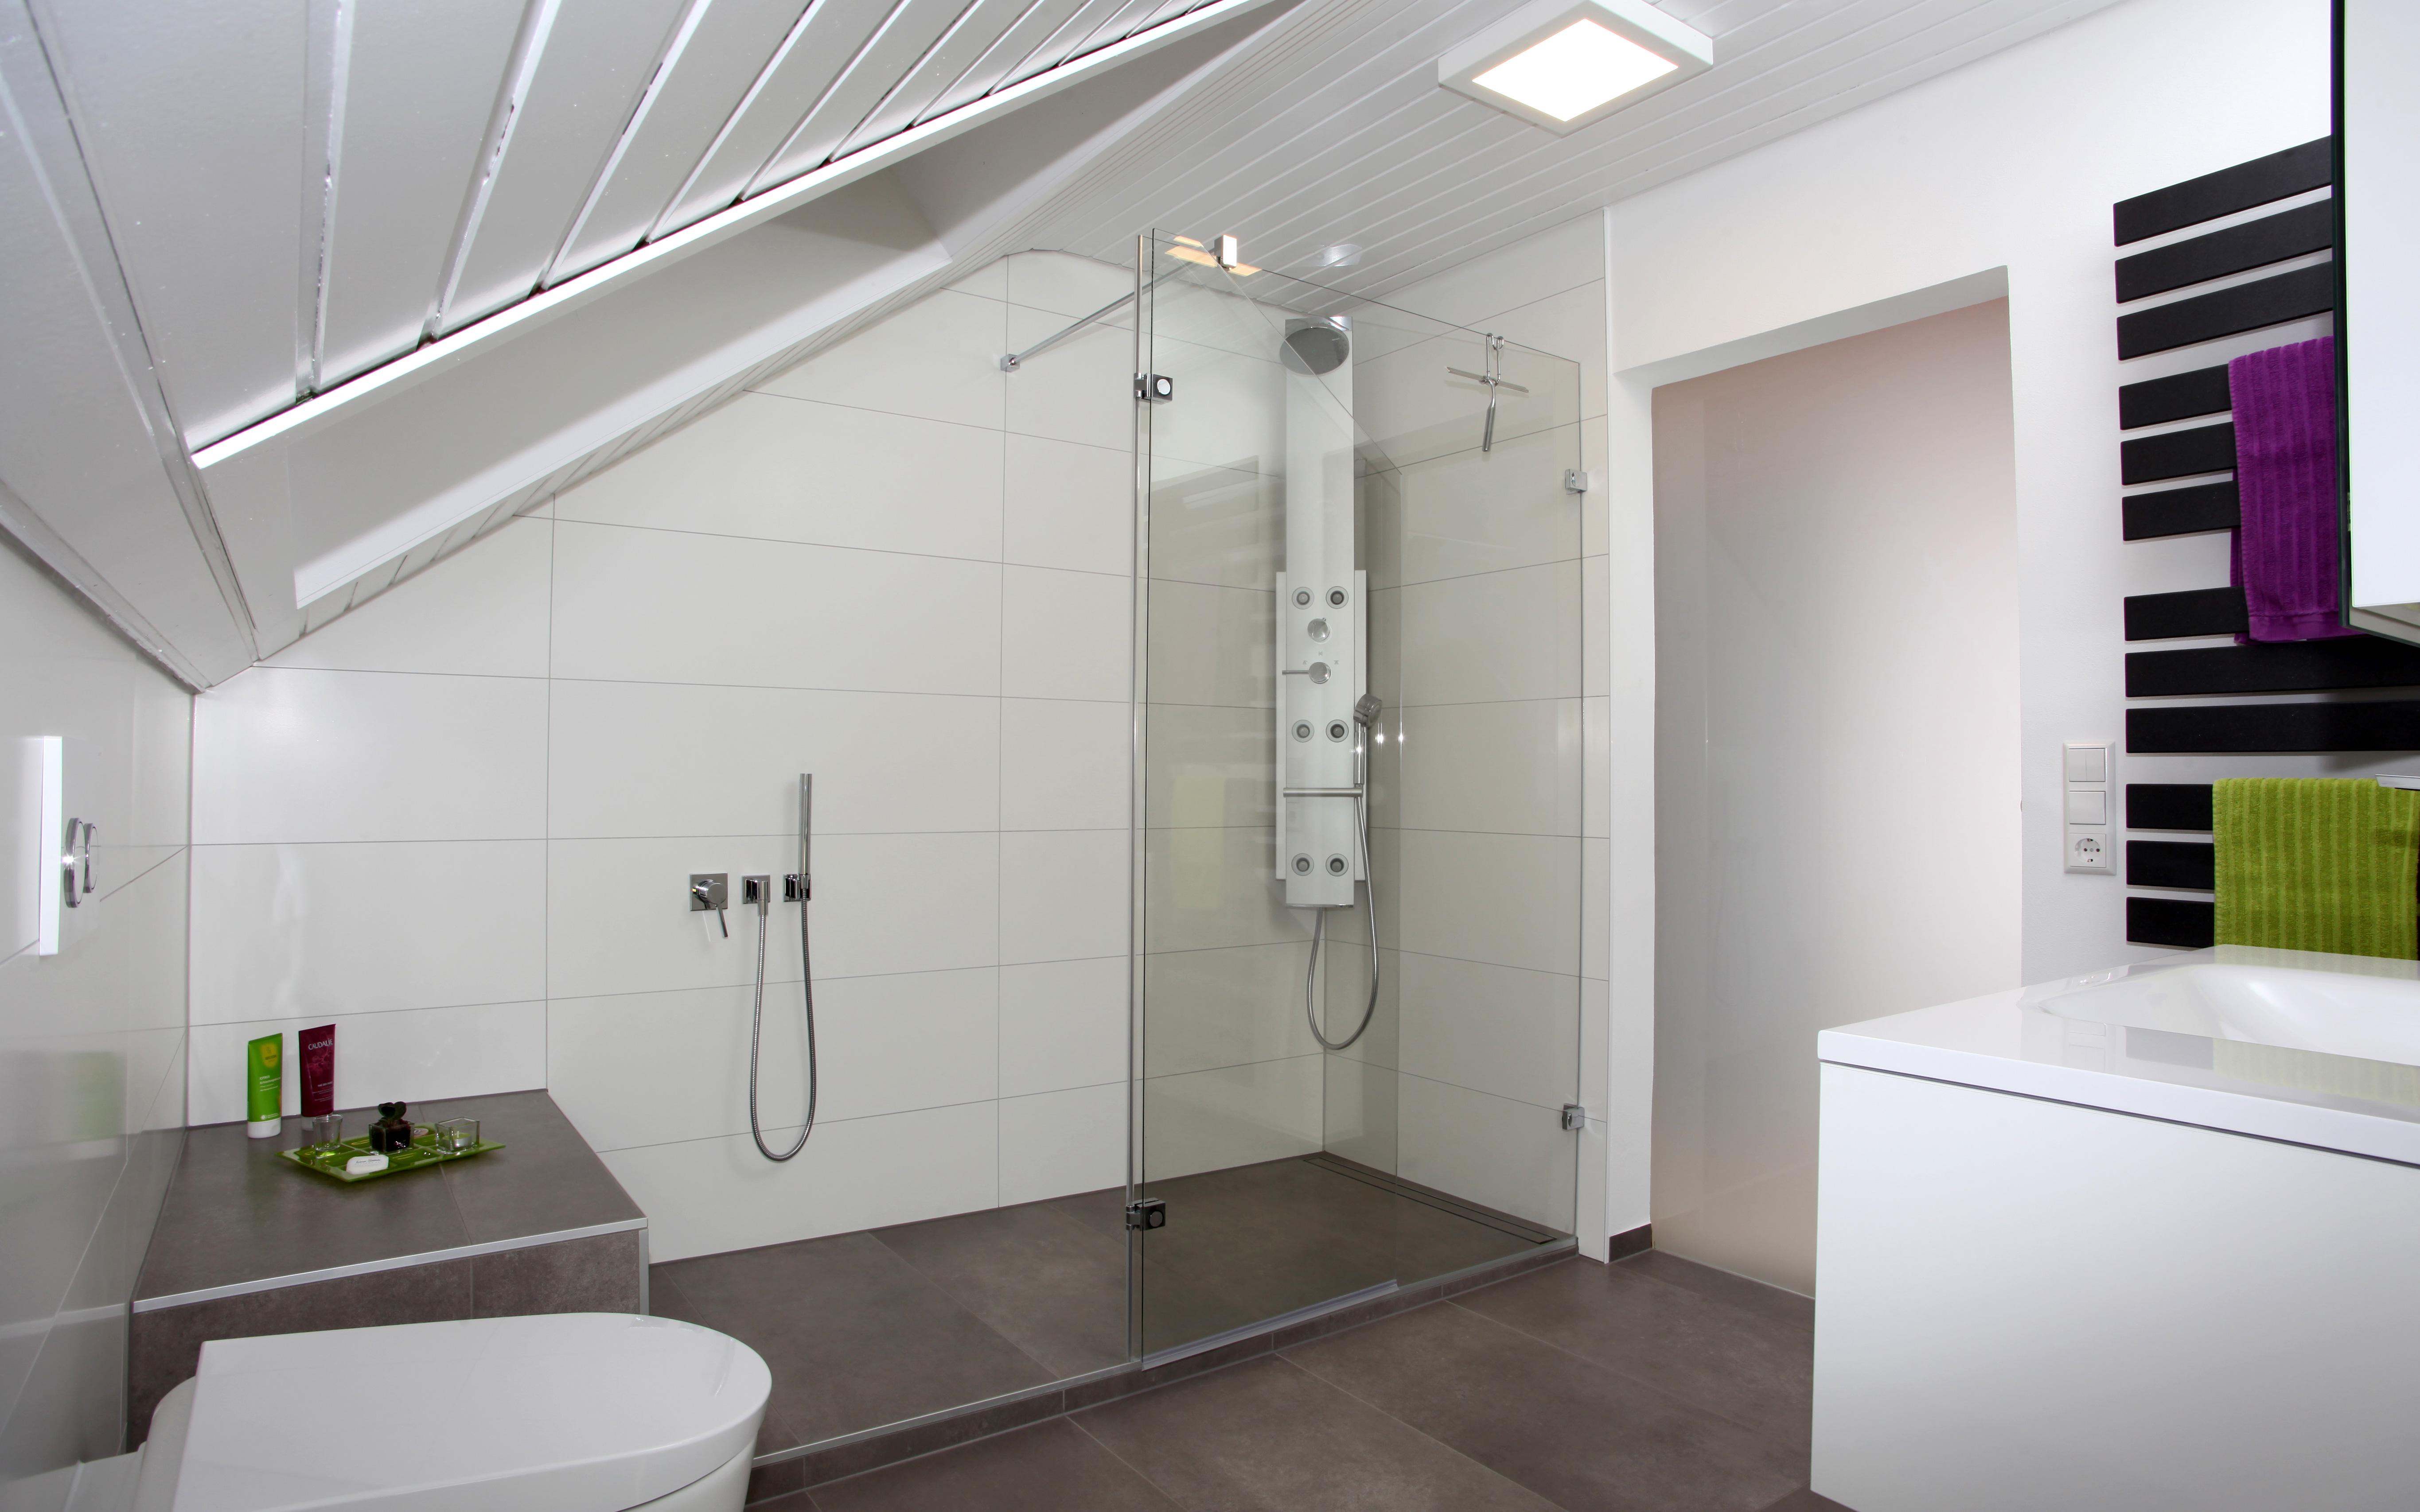 Moderner Badeinbau In Dachschräge In Schwäbisch Gmünd